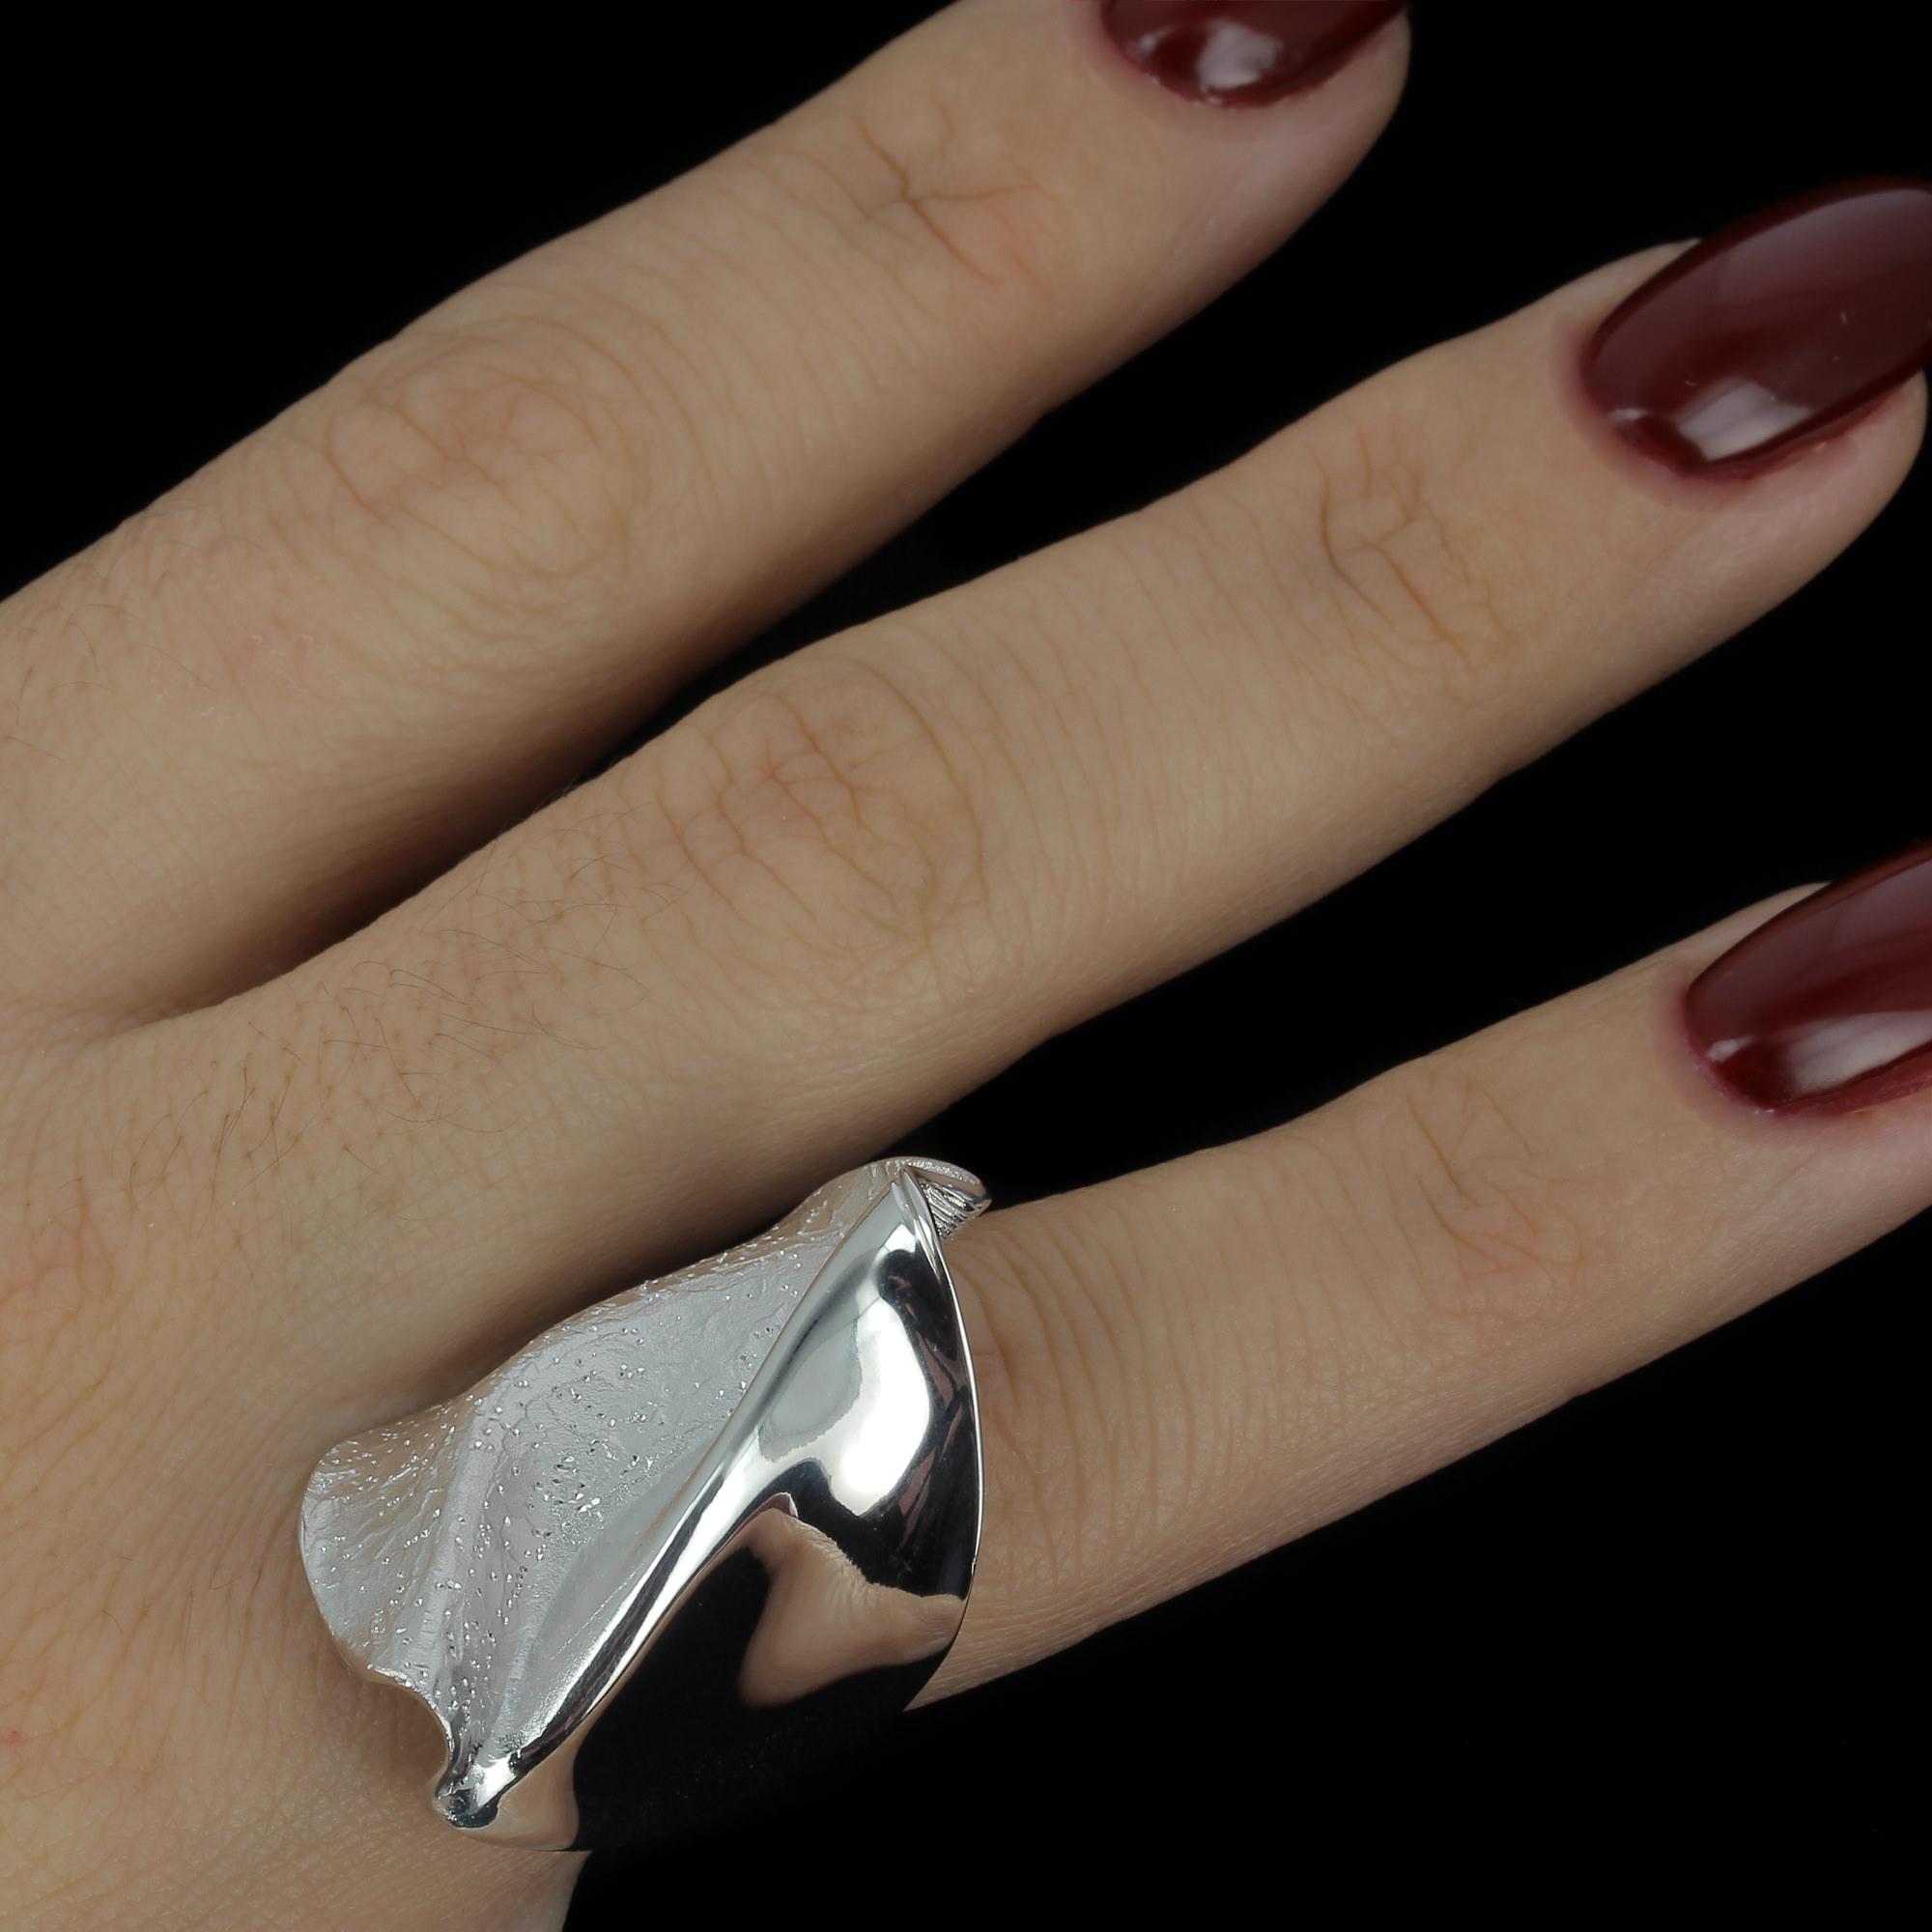 Schitterende zilveren ring, mat en gepolijst/gediamanteerd